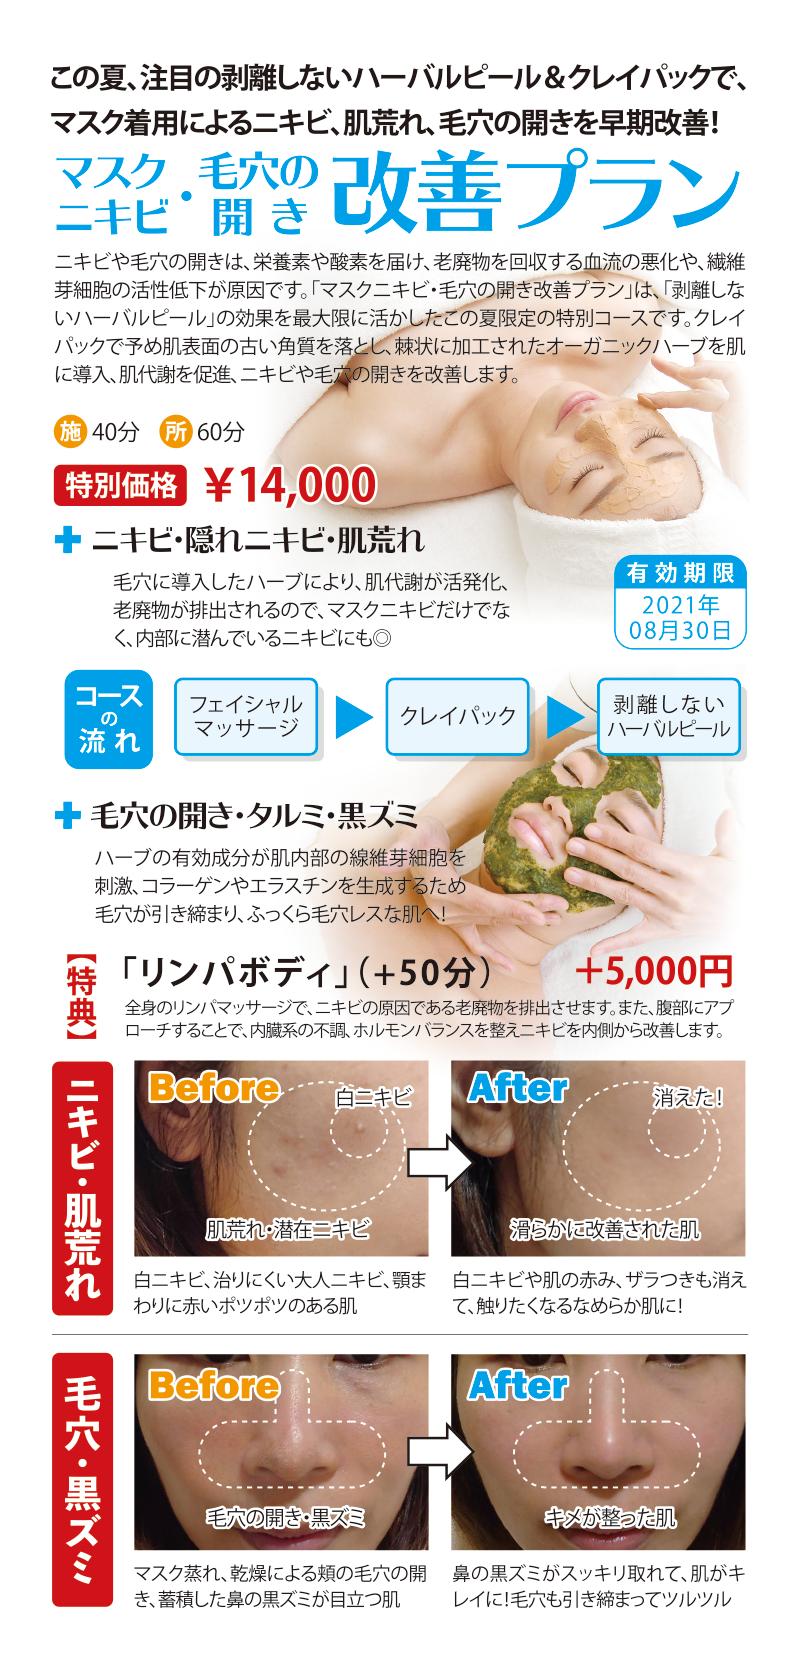 「マスクニキビ・毛穴の開き改善プラン」